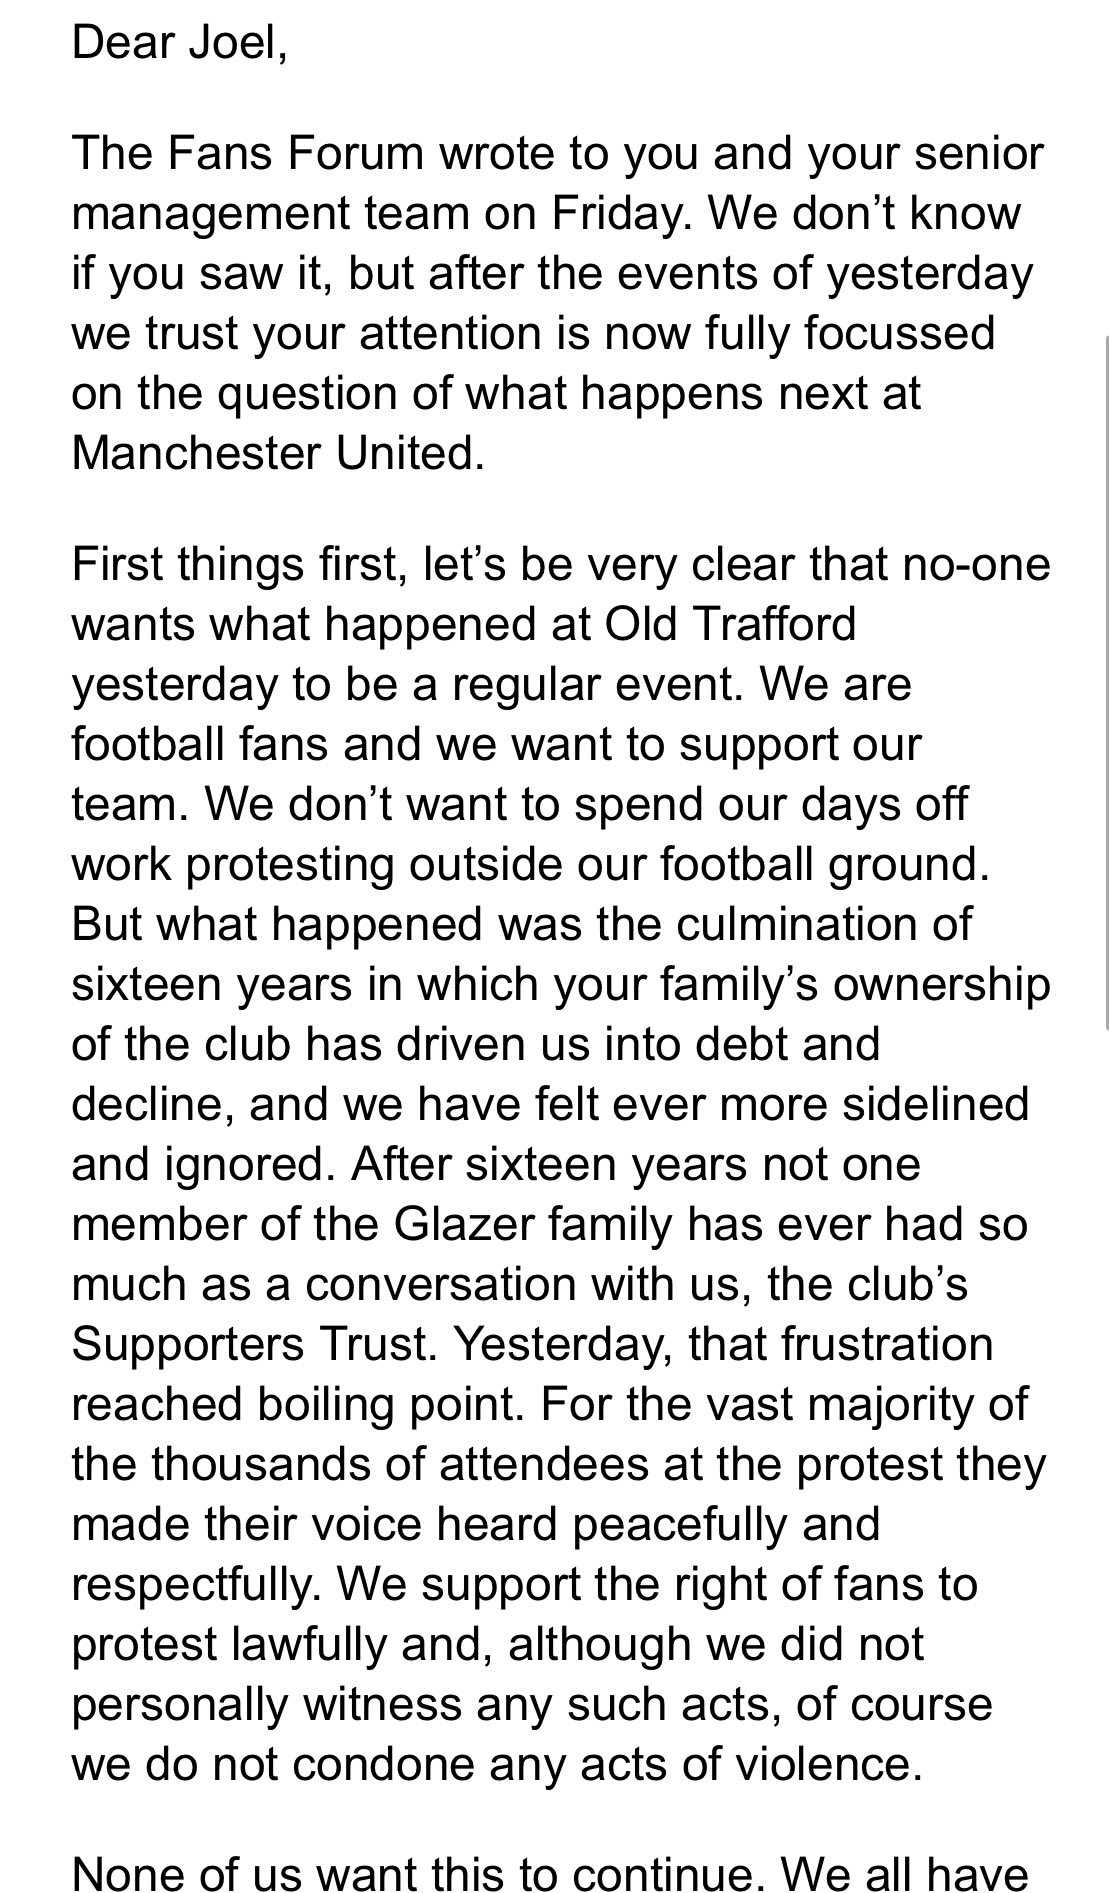 曼联球迷再发公开信:不愿意看见昨天的事,但希望得到回复插图(1)